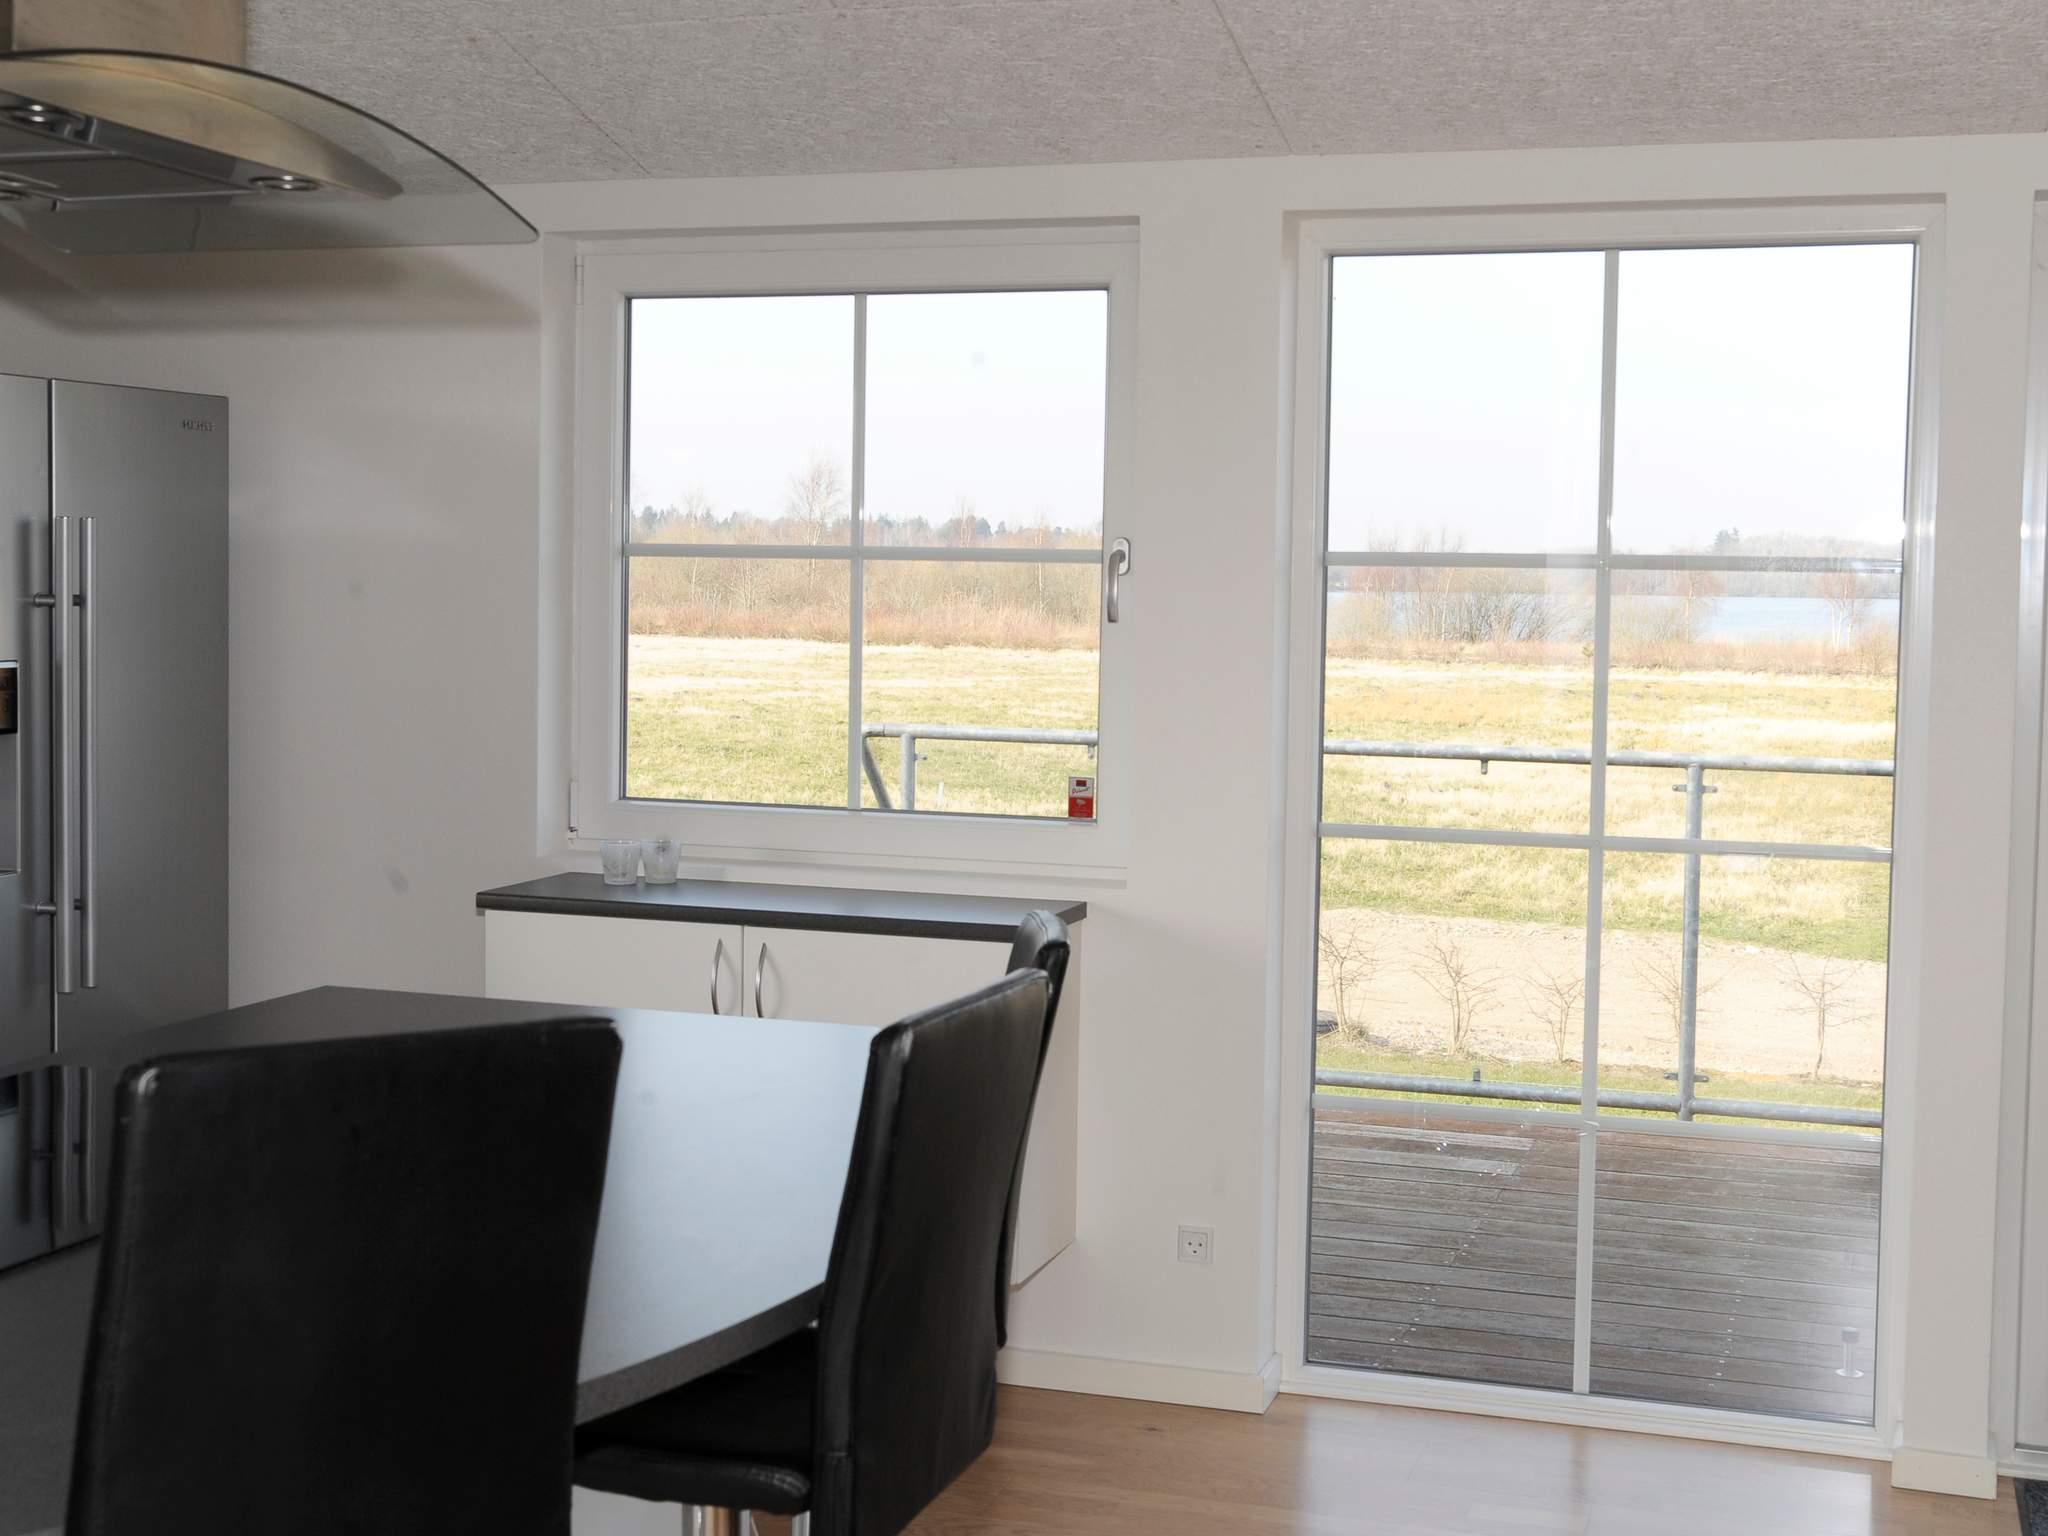 Ferienhaus Kvie Sø (318328), Kvie, , Westjütland, Dänemark, Bild 6